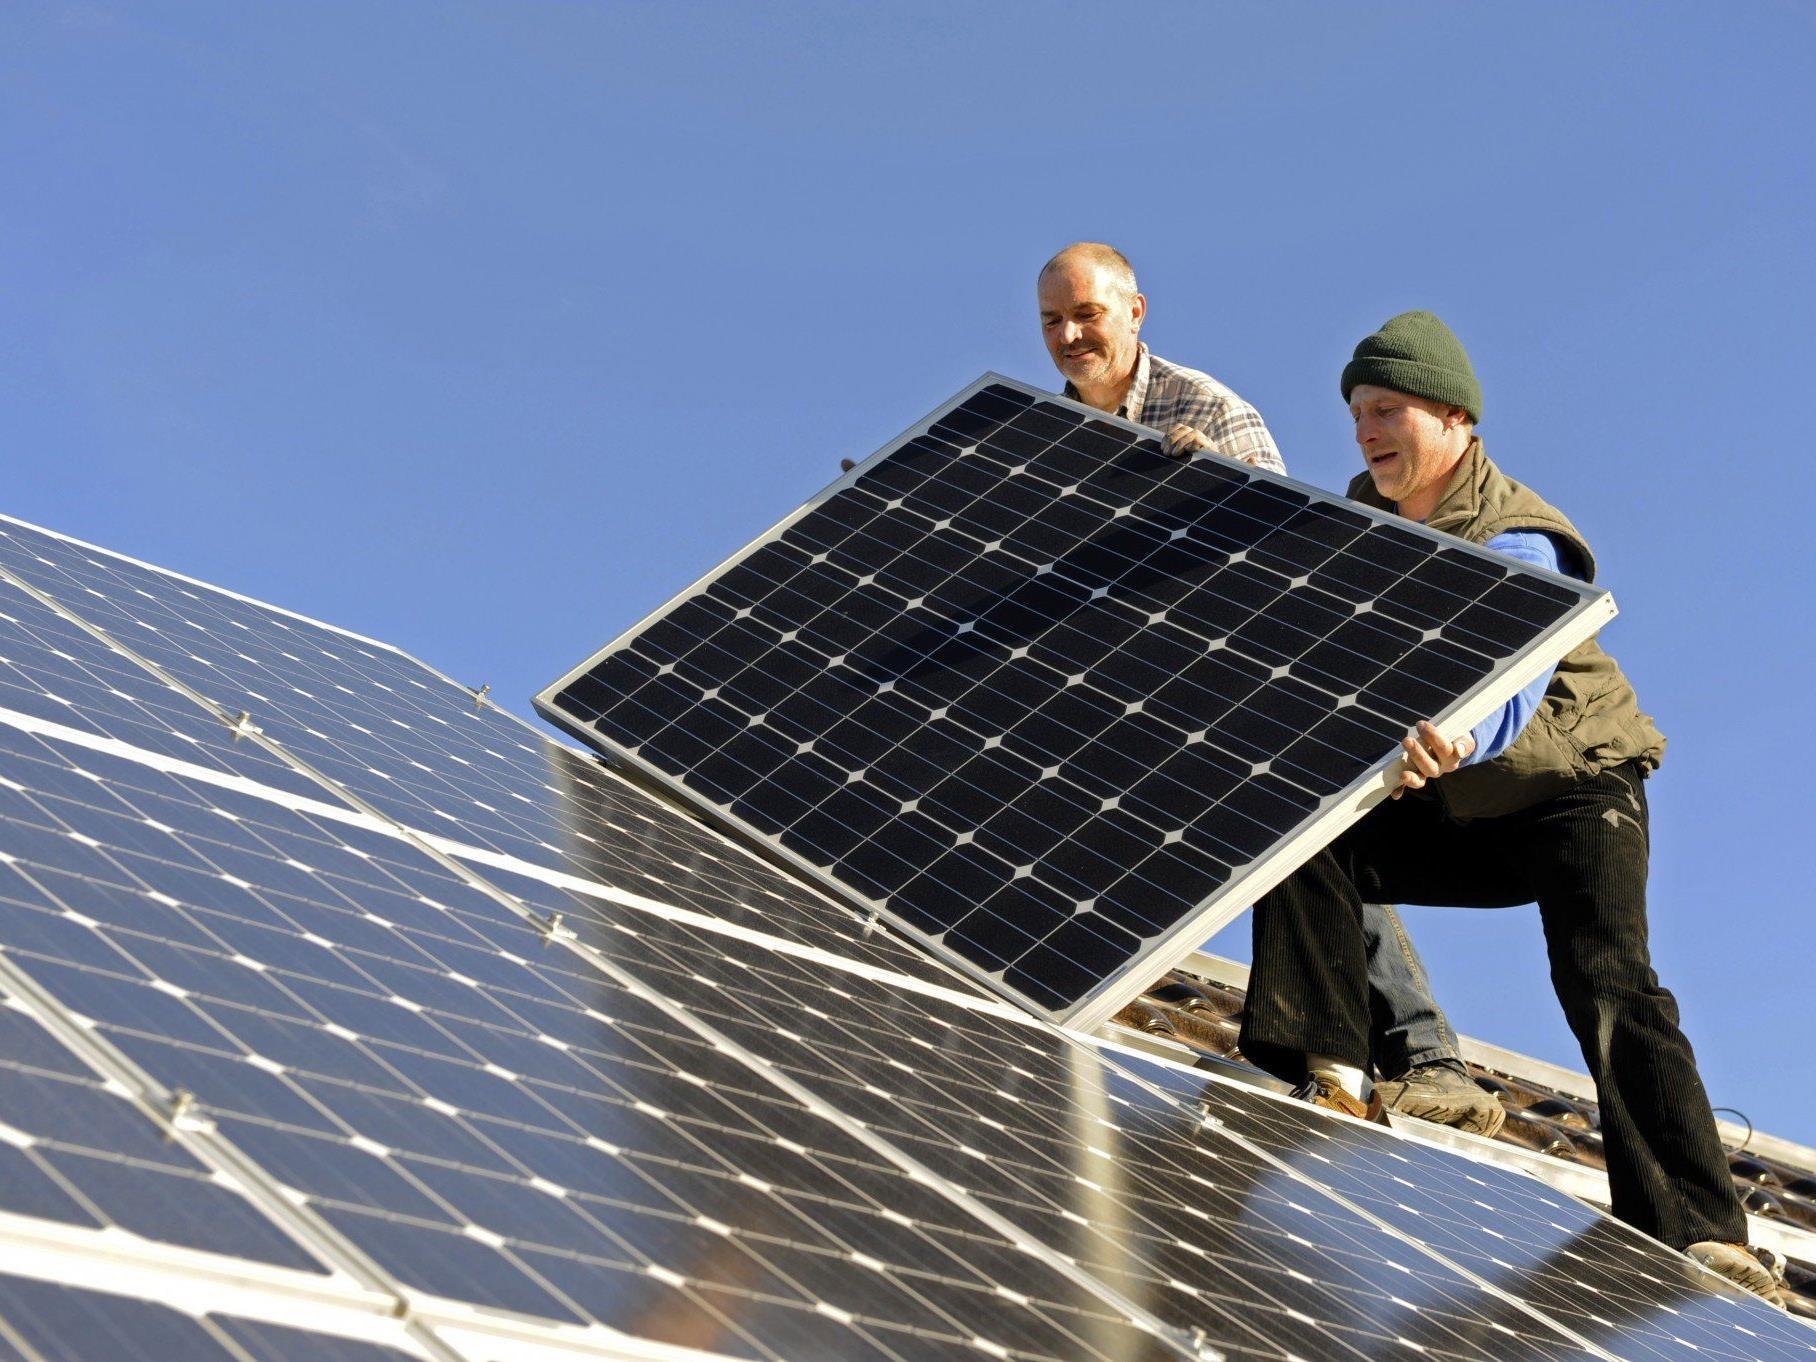 Photovoltaik: Viele Projekte vor dem Aus.